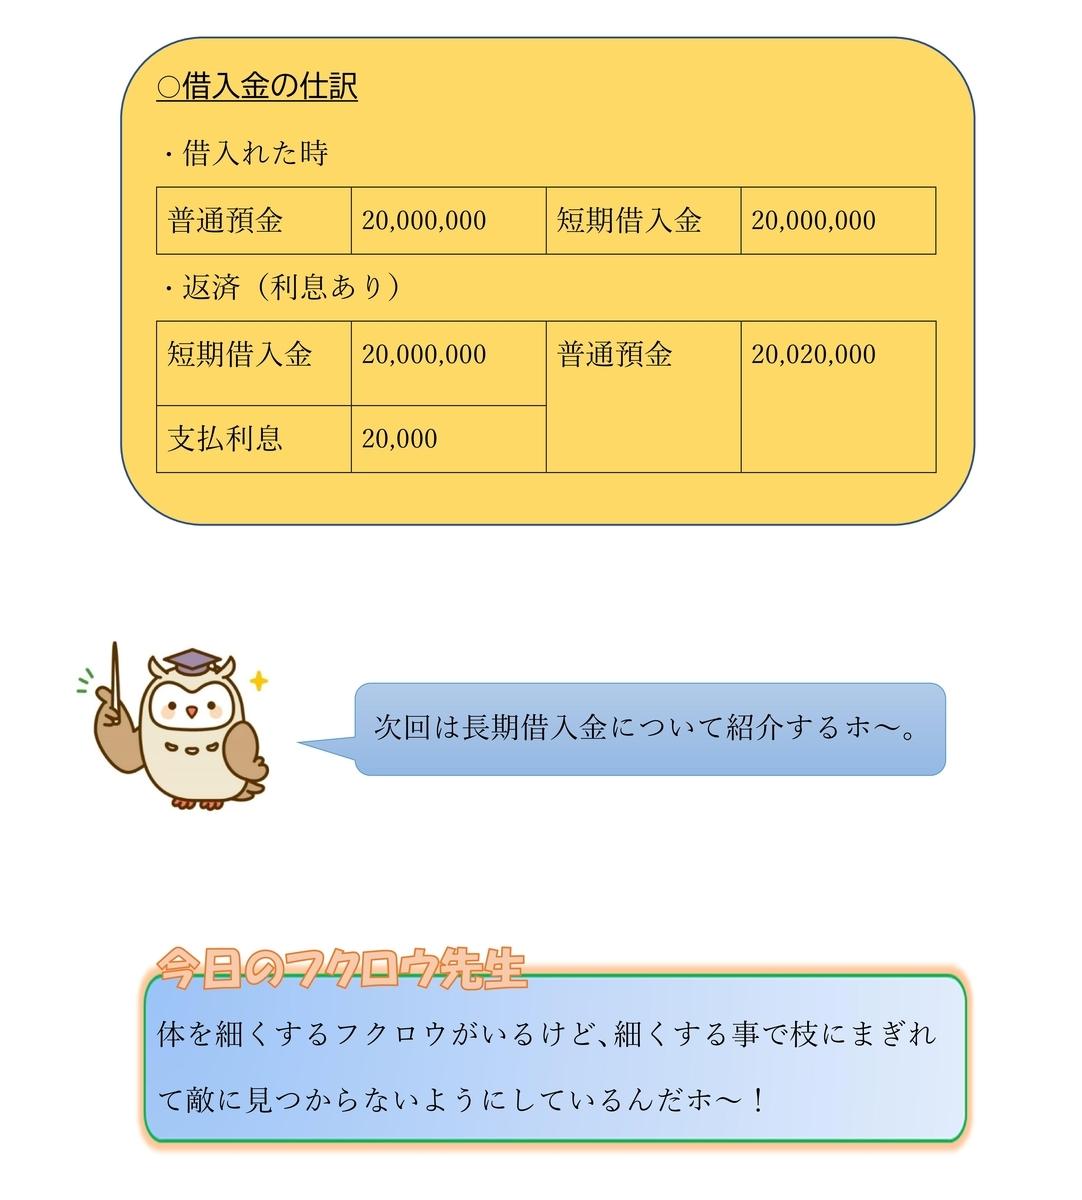 f:id:kokosapo:20210303094439j:plain